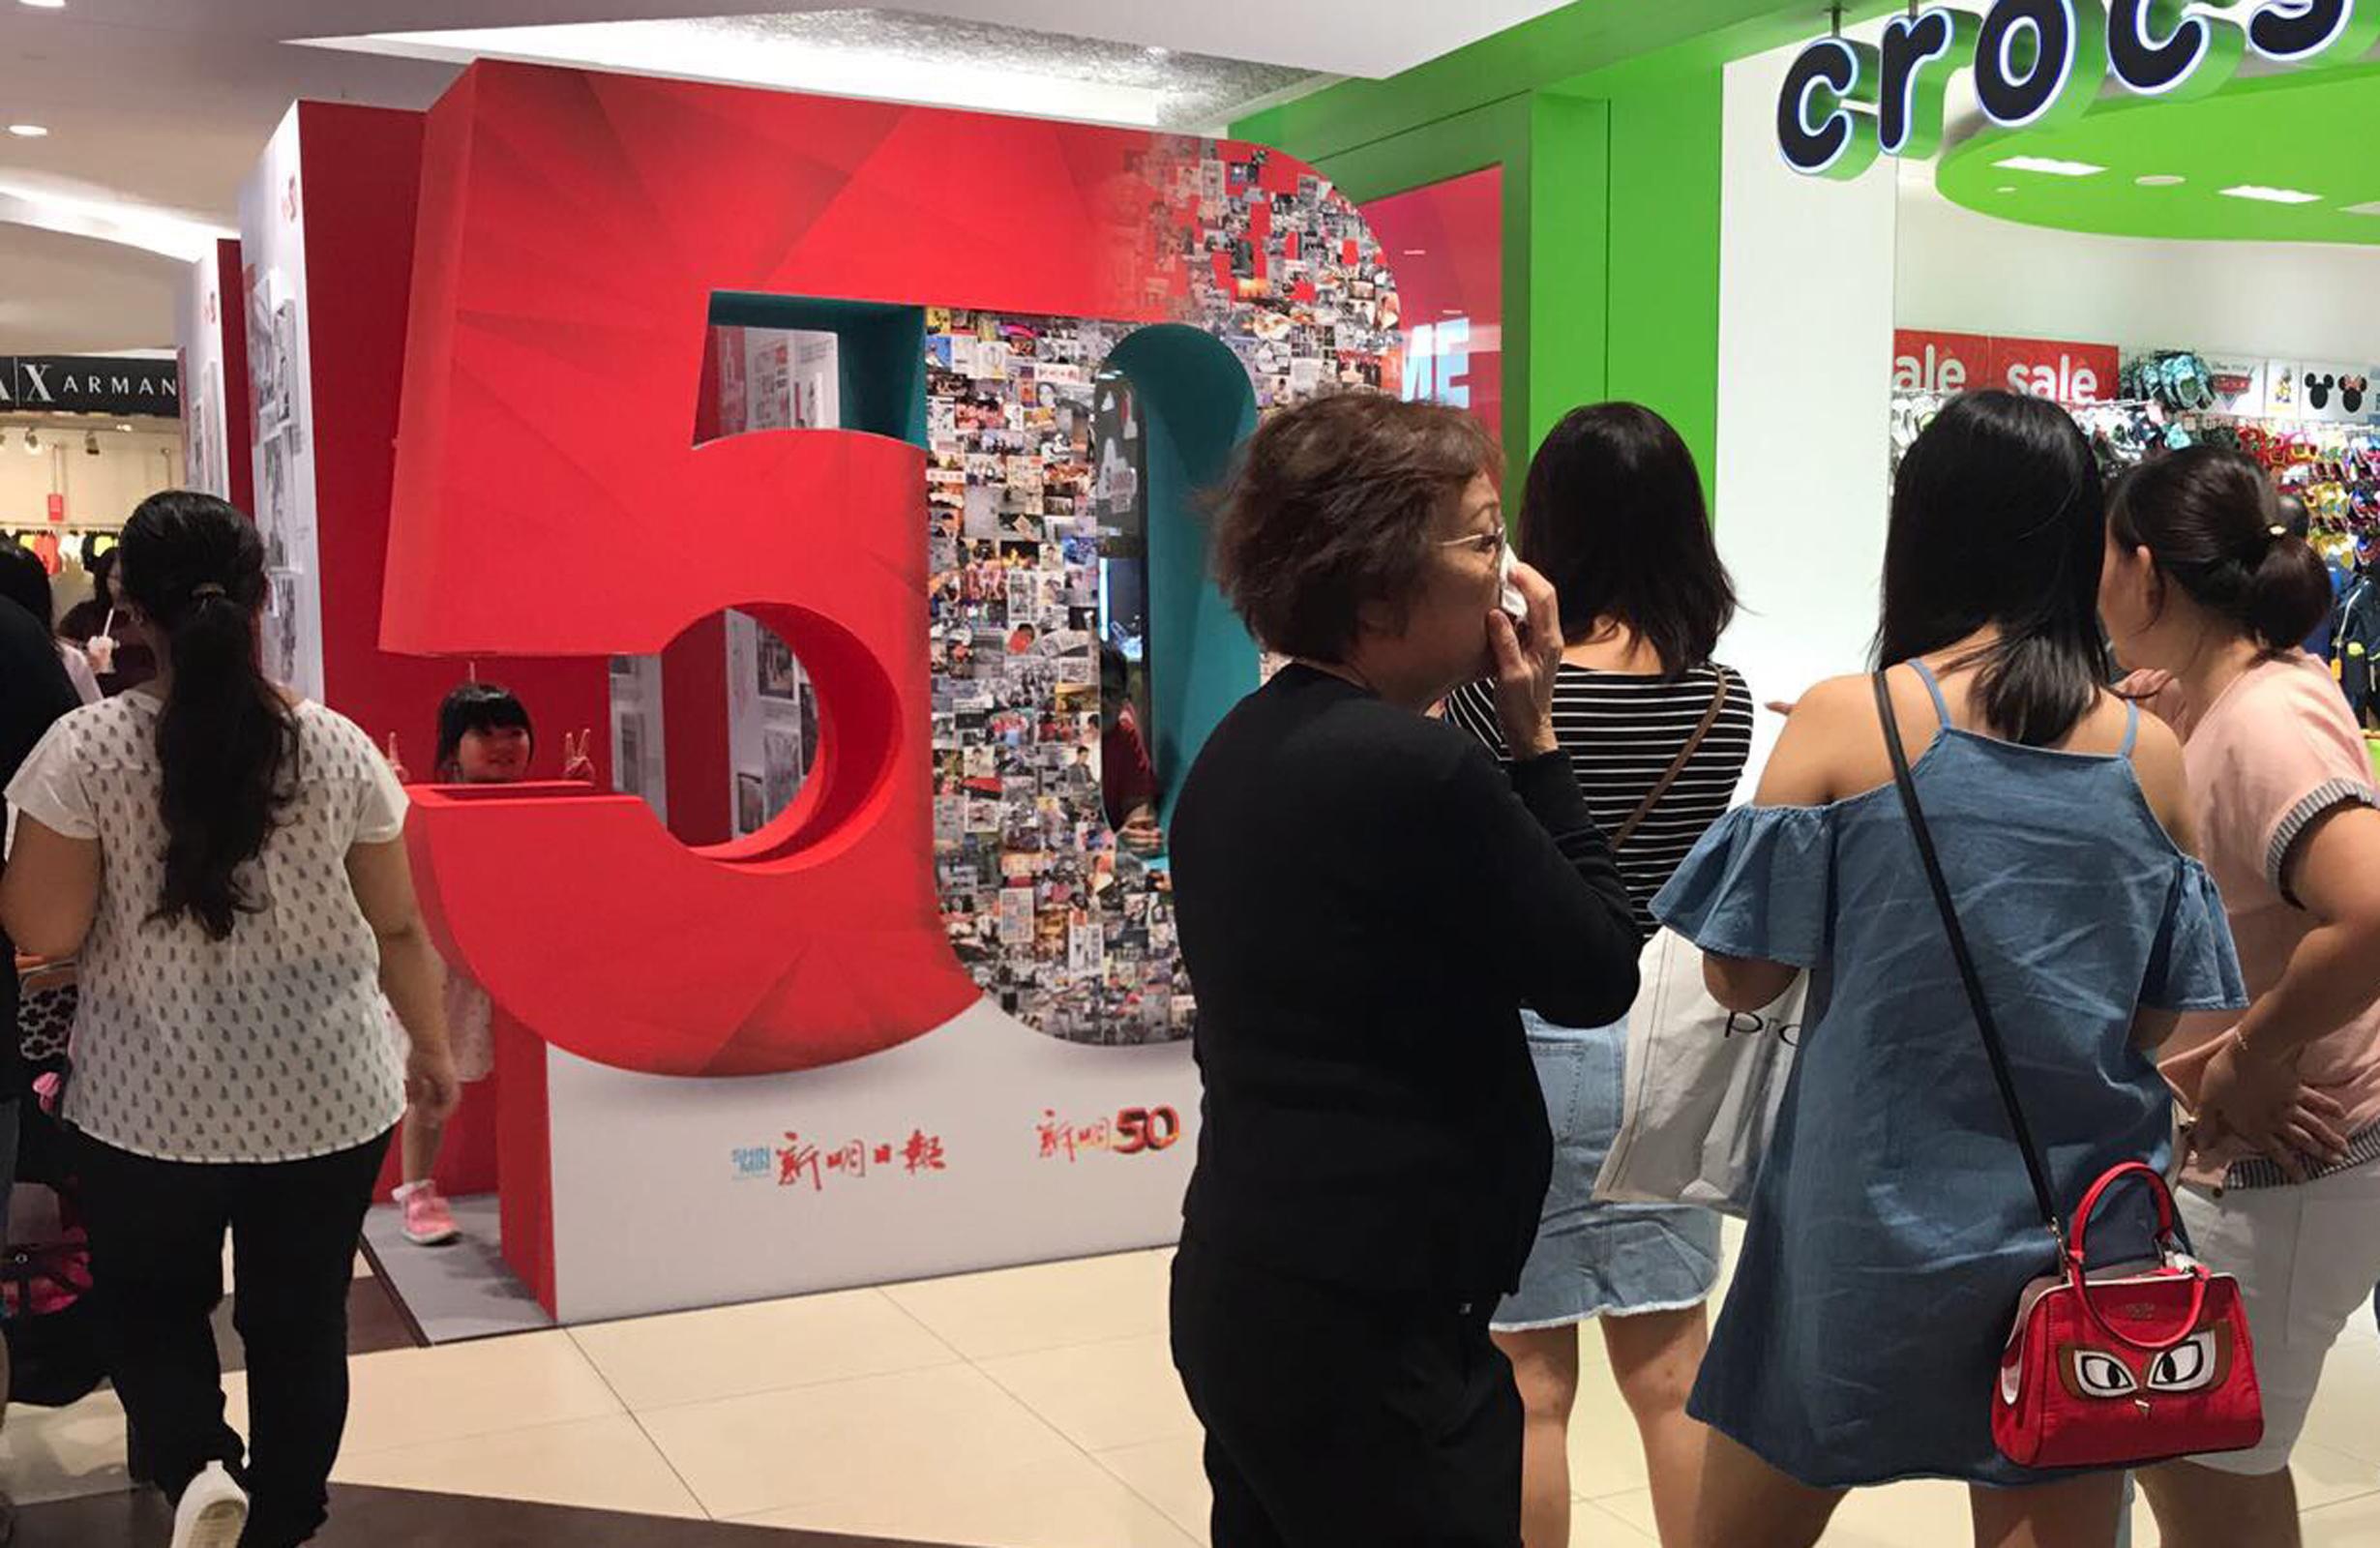 """""""新明50年回顾展""""在淡滨尼广场展出第一天,观展者就络绎不绝。"""